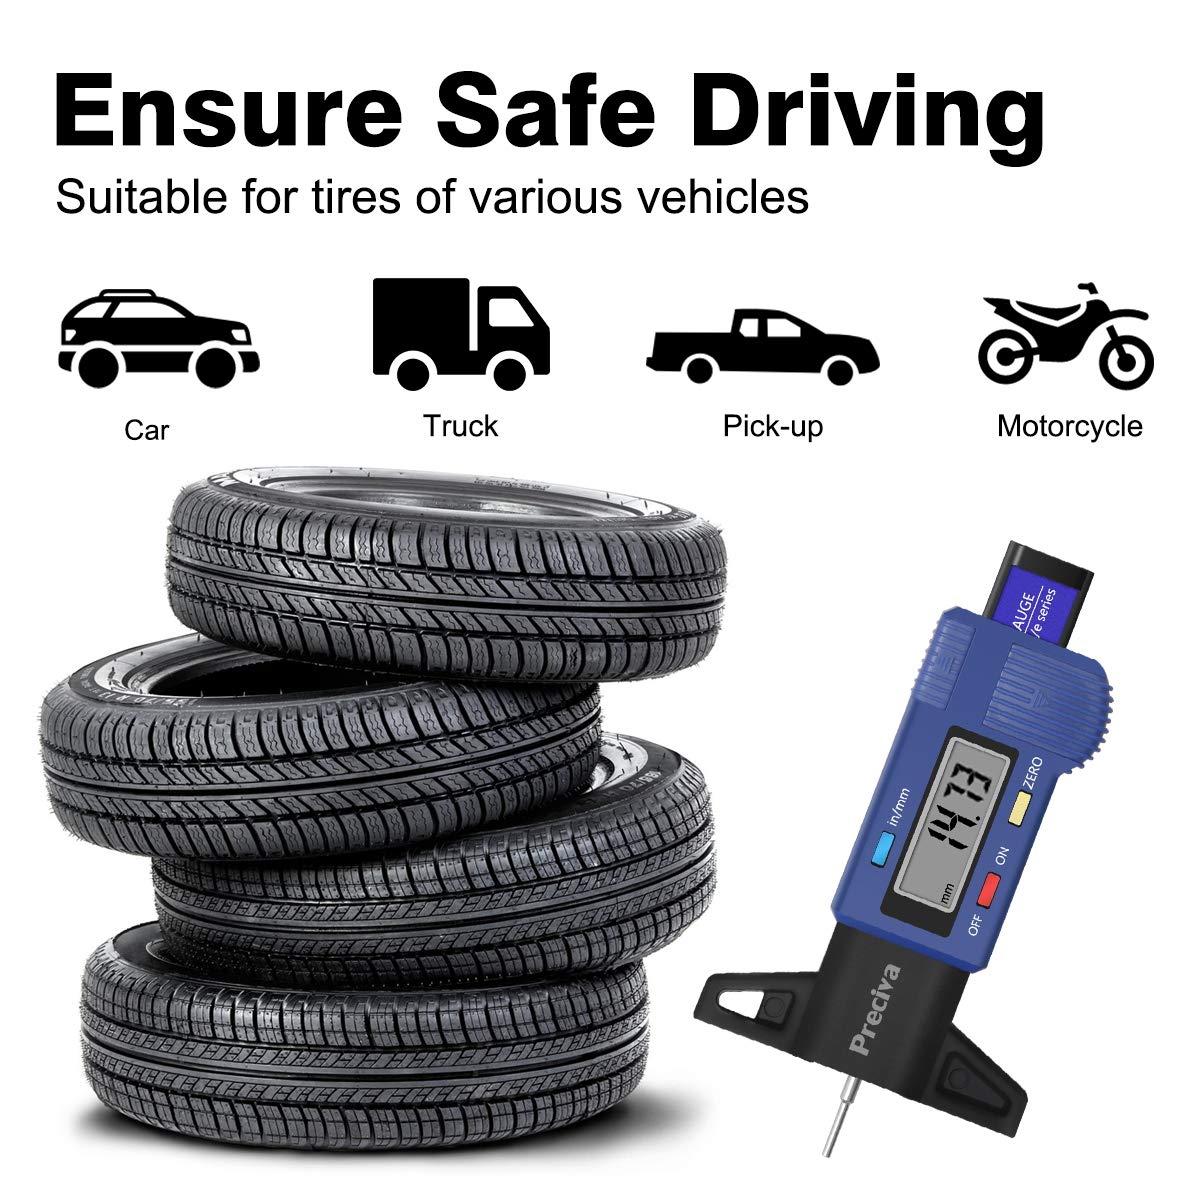 jackyee Car Tyre Tread Depth Gauge Trucks Van Tire Pointer Monitor Measure Device Tool Stainless Steel/&Plastic